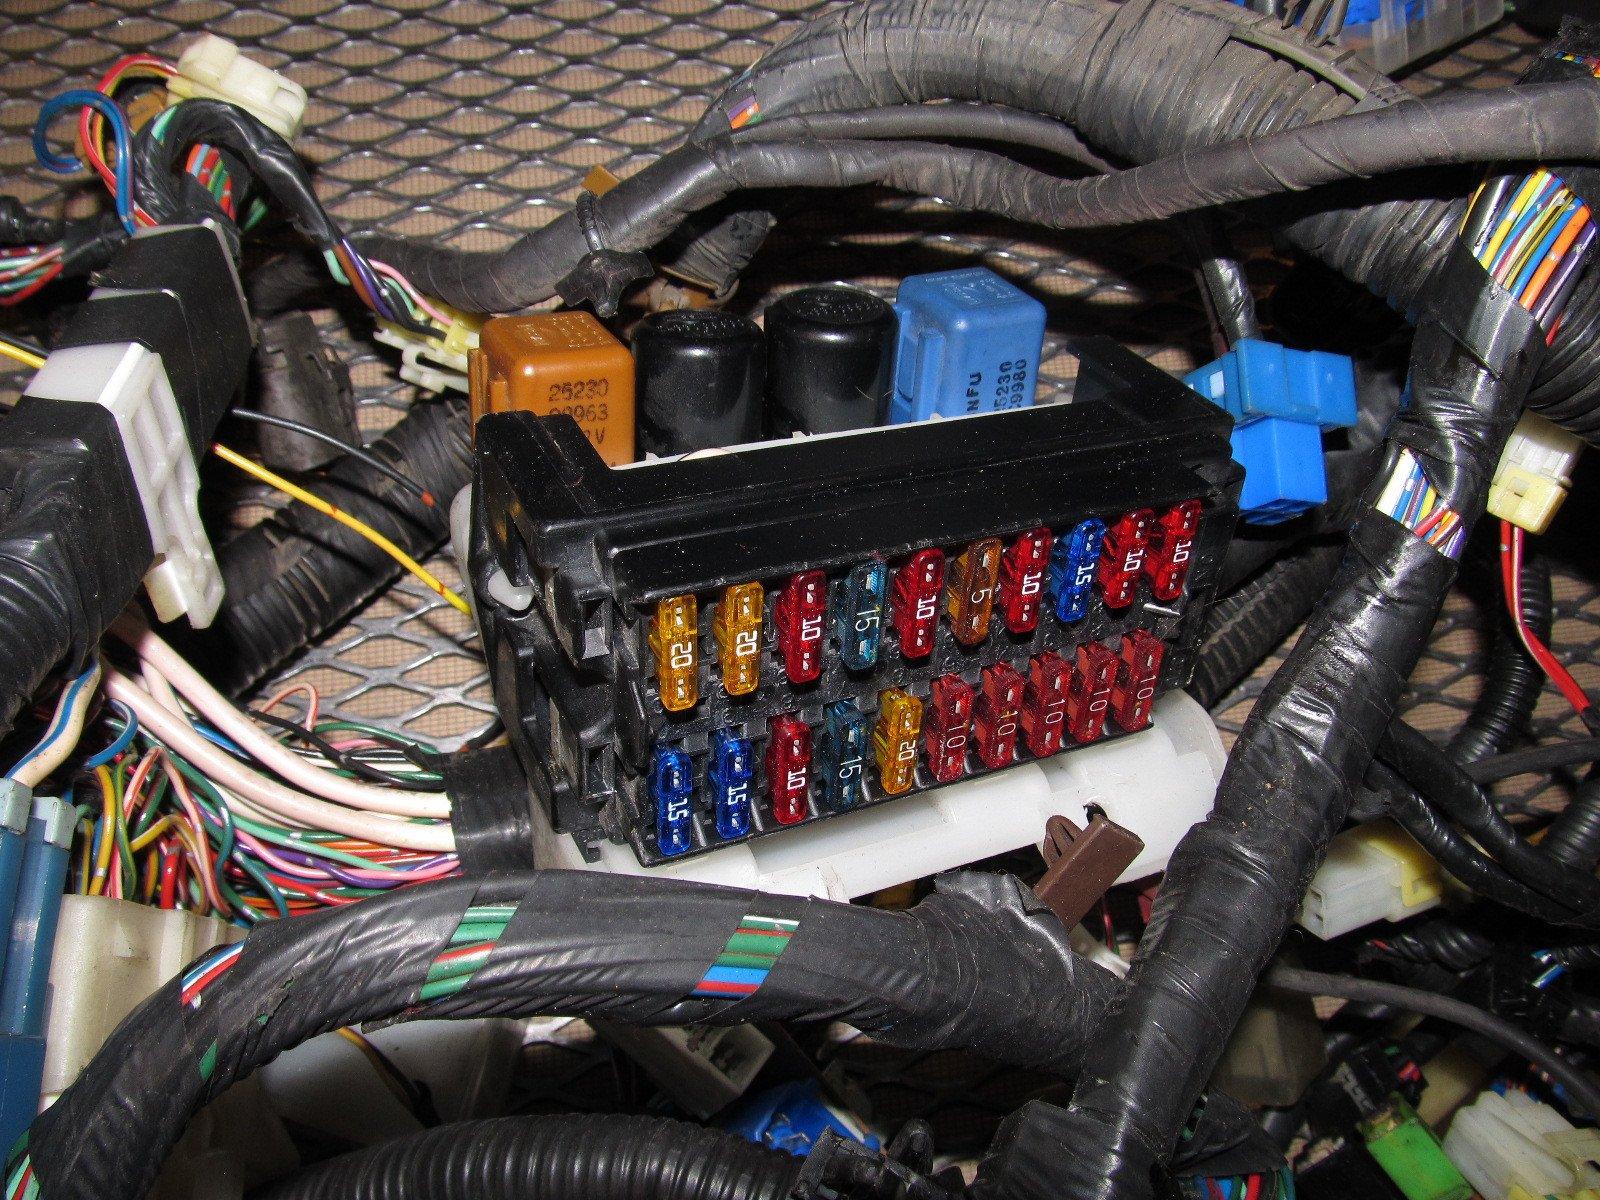 S13 240sx Fuse Box Diagram